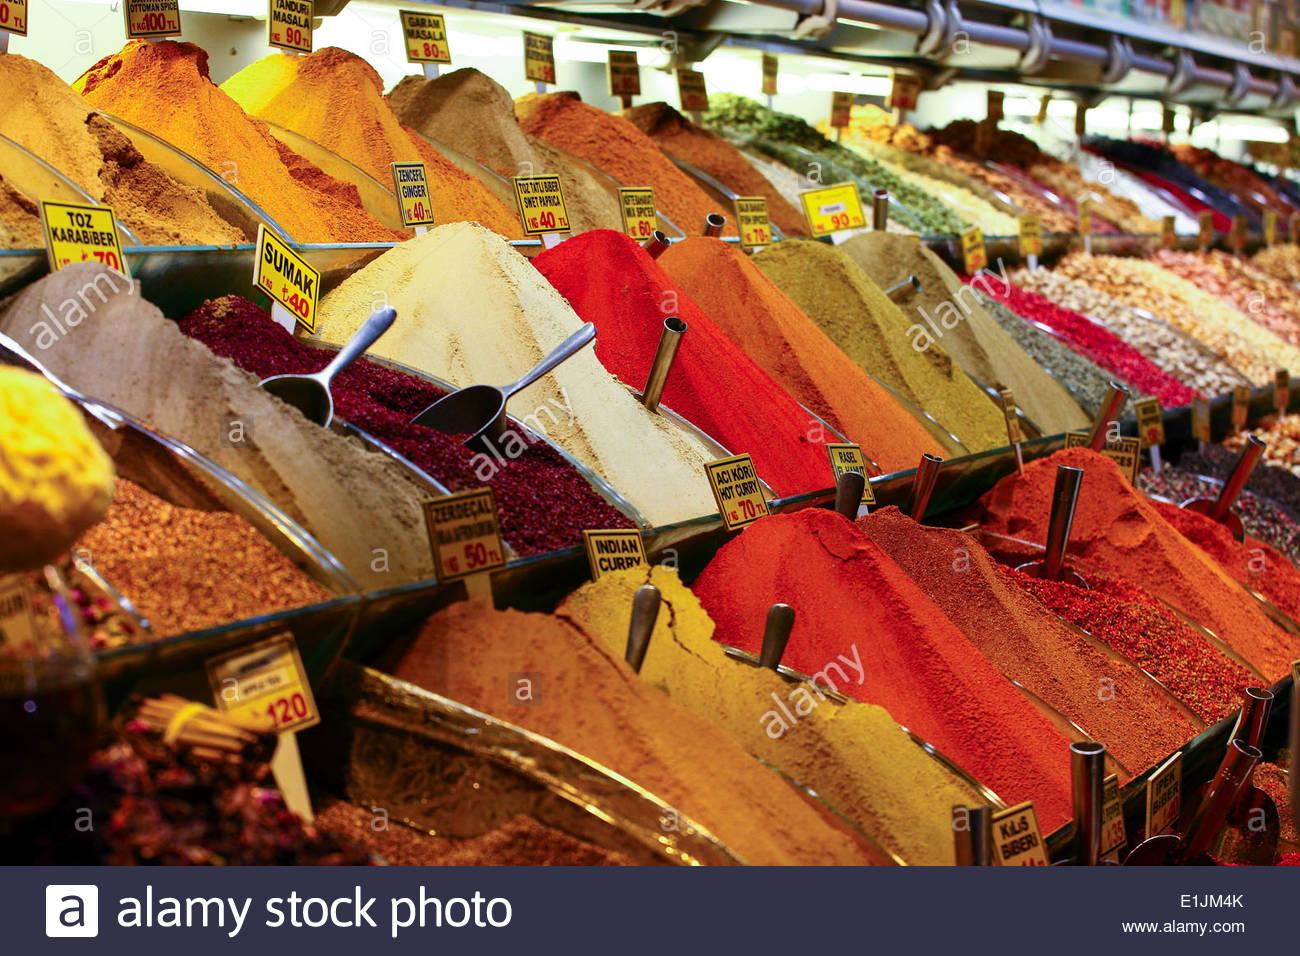 Spices in the The Spice Bazaar (Turkish: Mısır Çarşısı ) AKA Egyptian Bazaar in Istanbul, Turkey - Stock Image